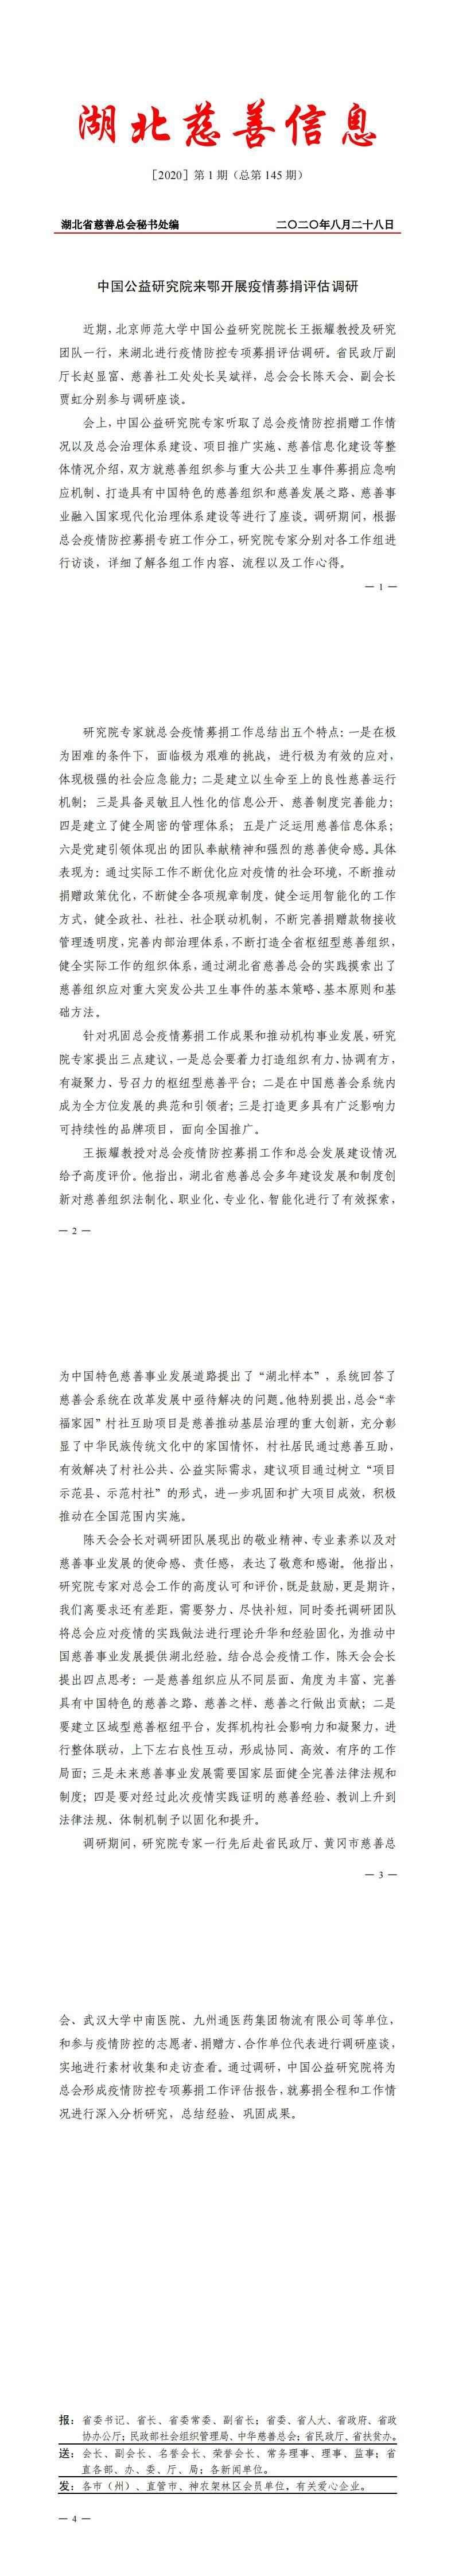 慈善信息2020年第1期(中国公益研究院来鄂开展疫情募捐评估调研)以此版为准_0.png